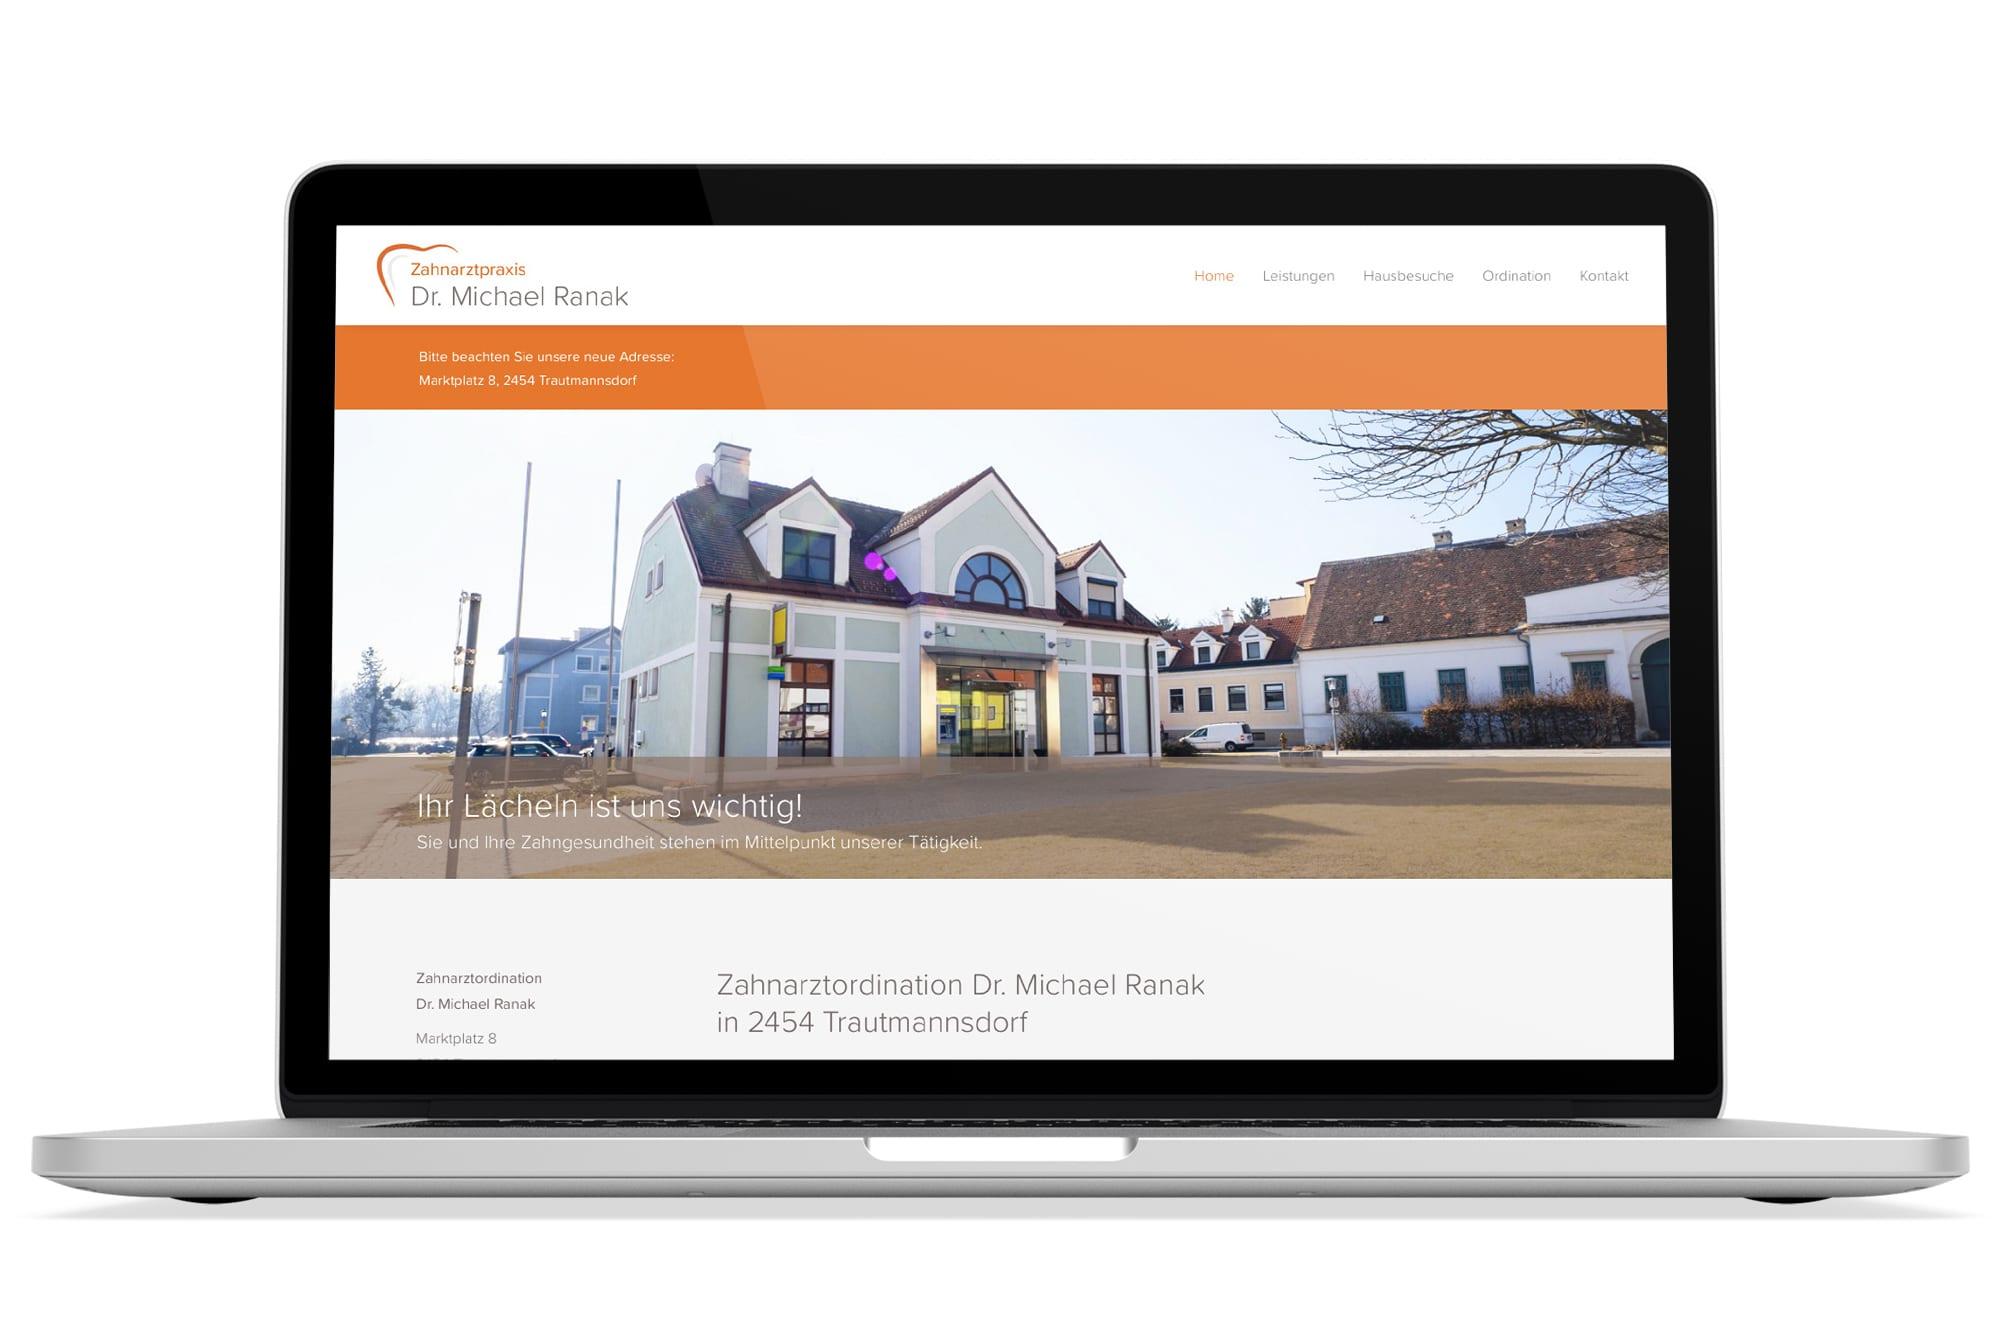 Responsive Webdesign Beispiel: Neue mobile Webseite für Zahnarzt in Trautmannsdorf